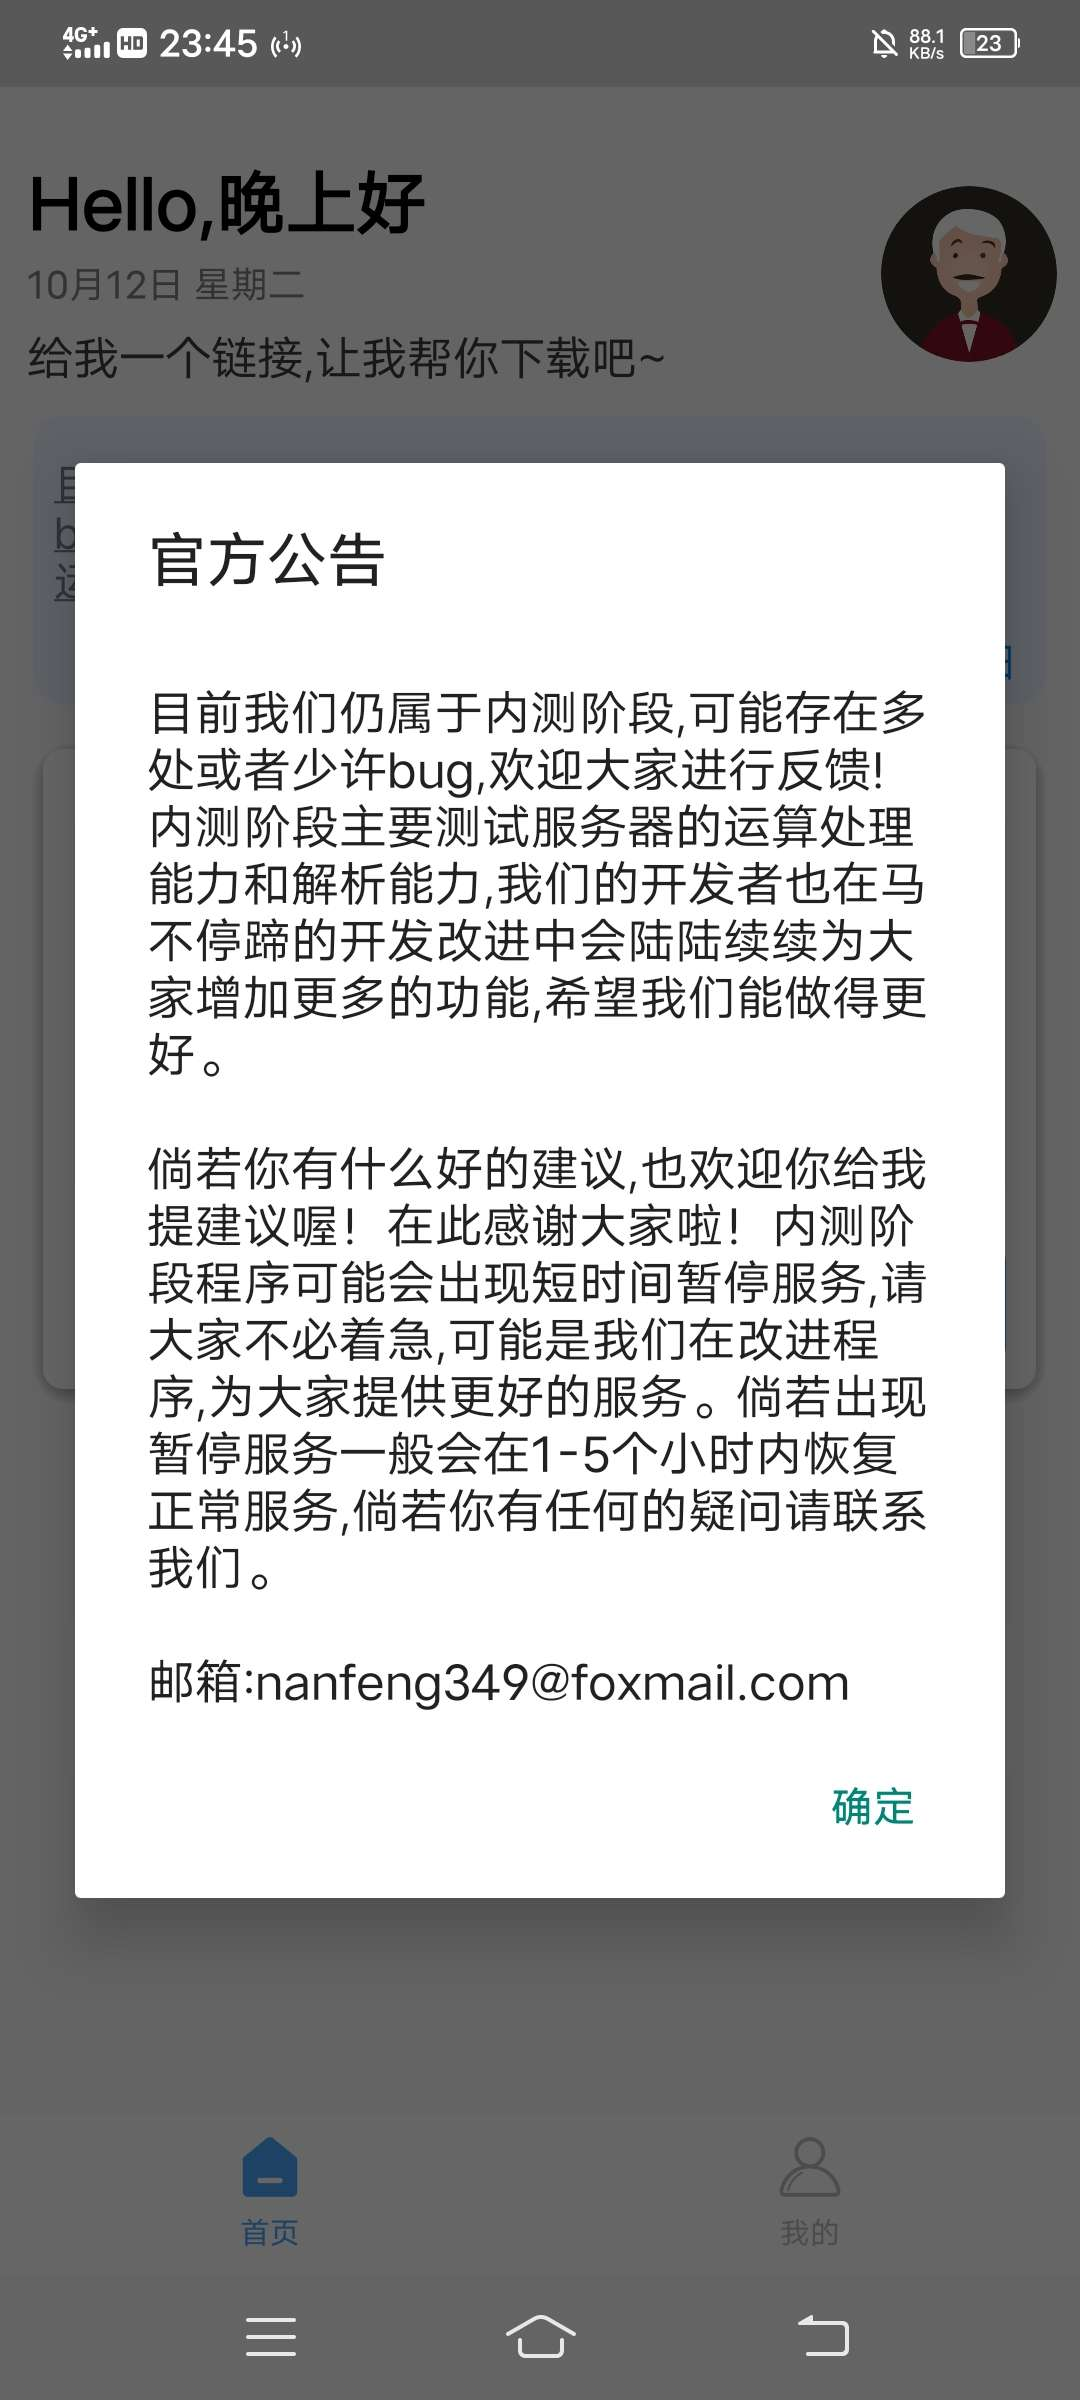 懒熊下载软件安卓版V1.0手机版截图2